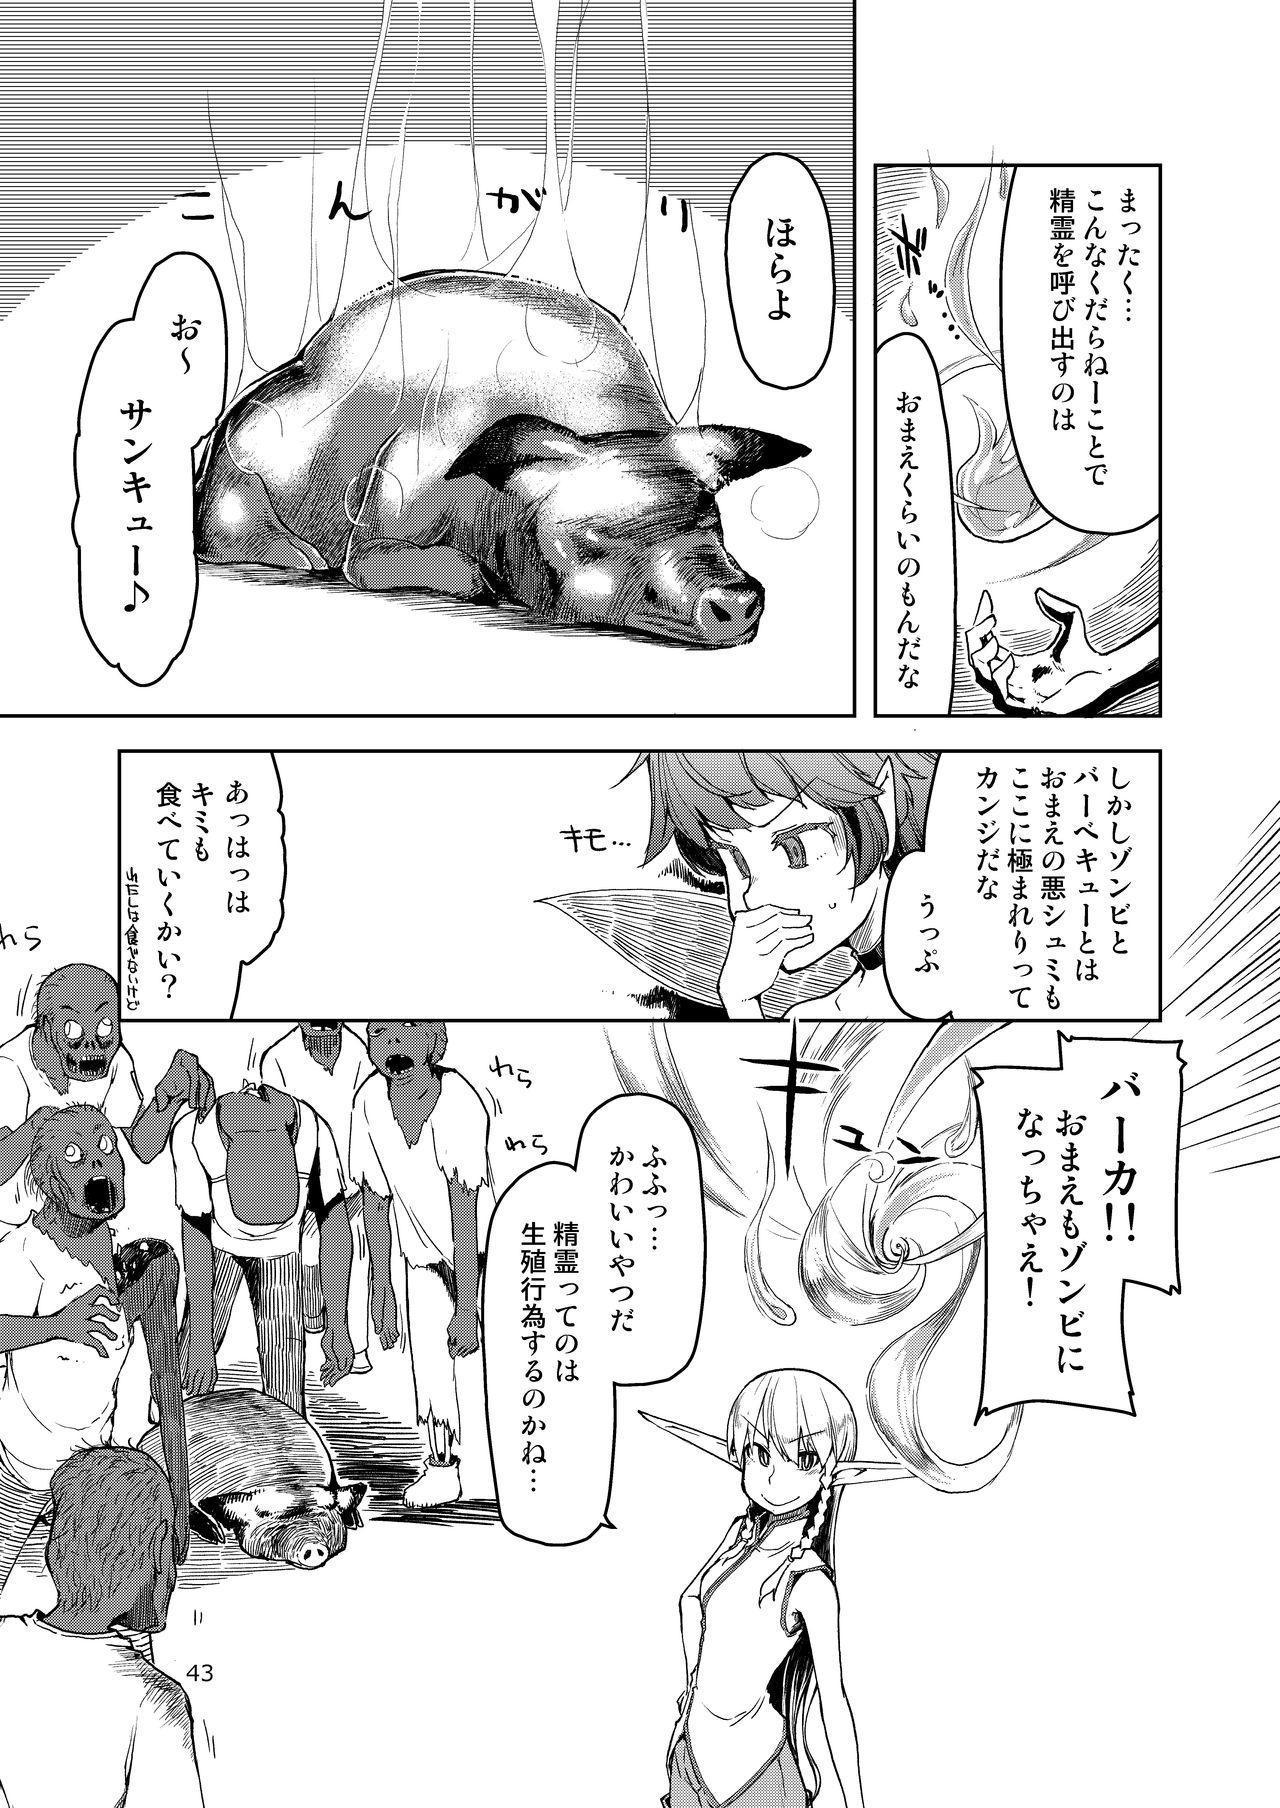 Dosukebe Elf no Ishukan Nikki Matome 2 43